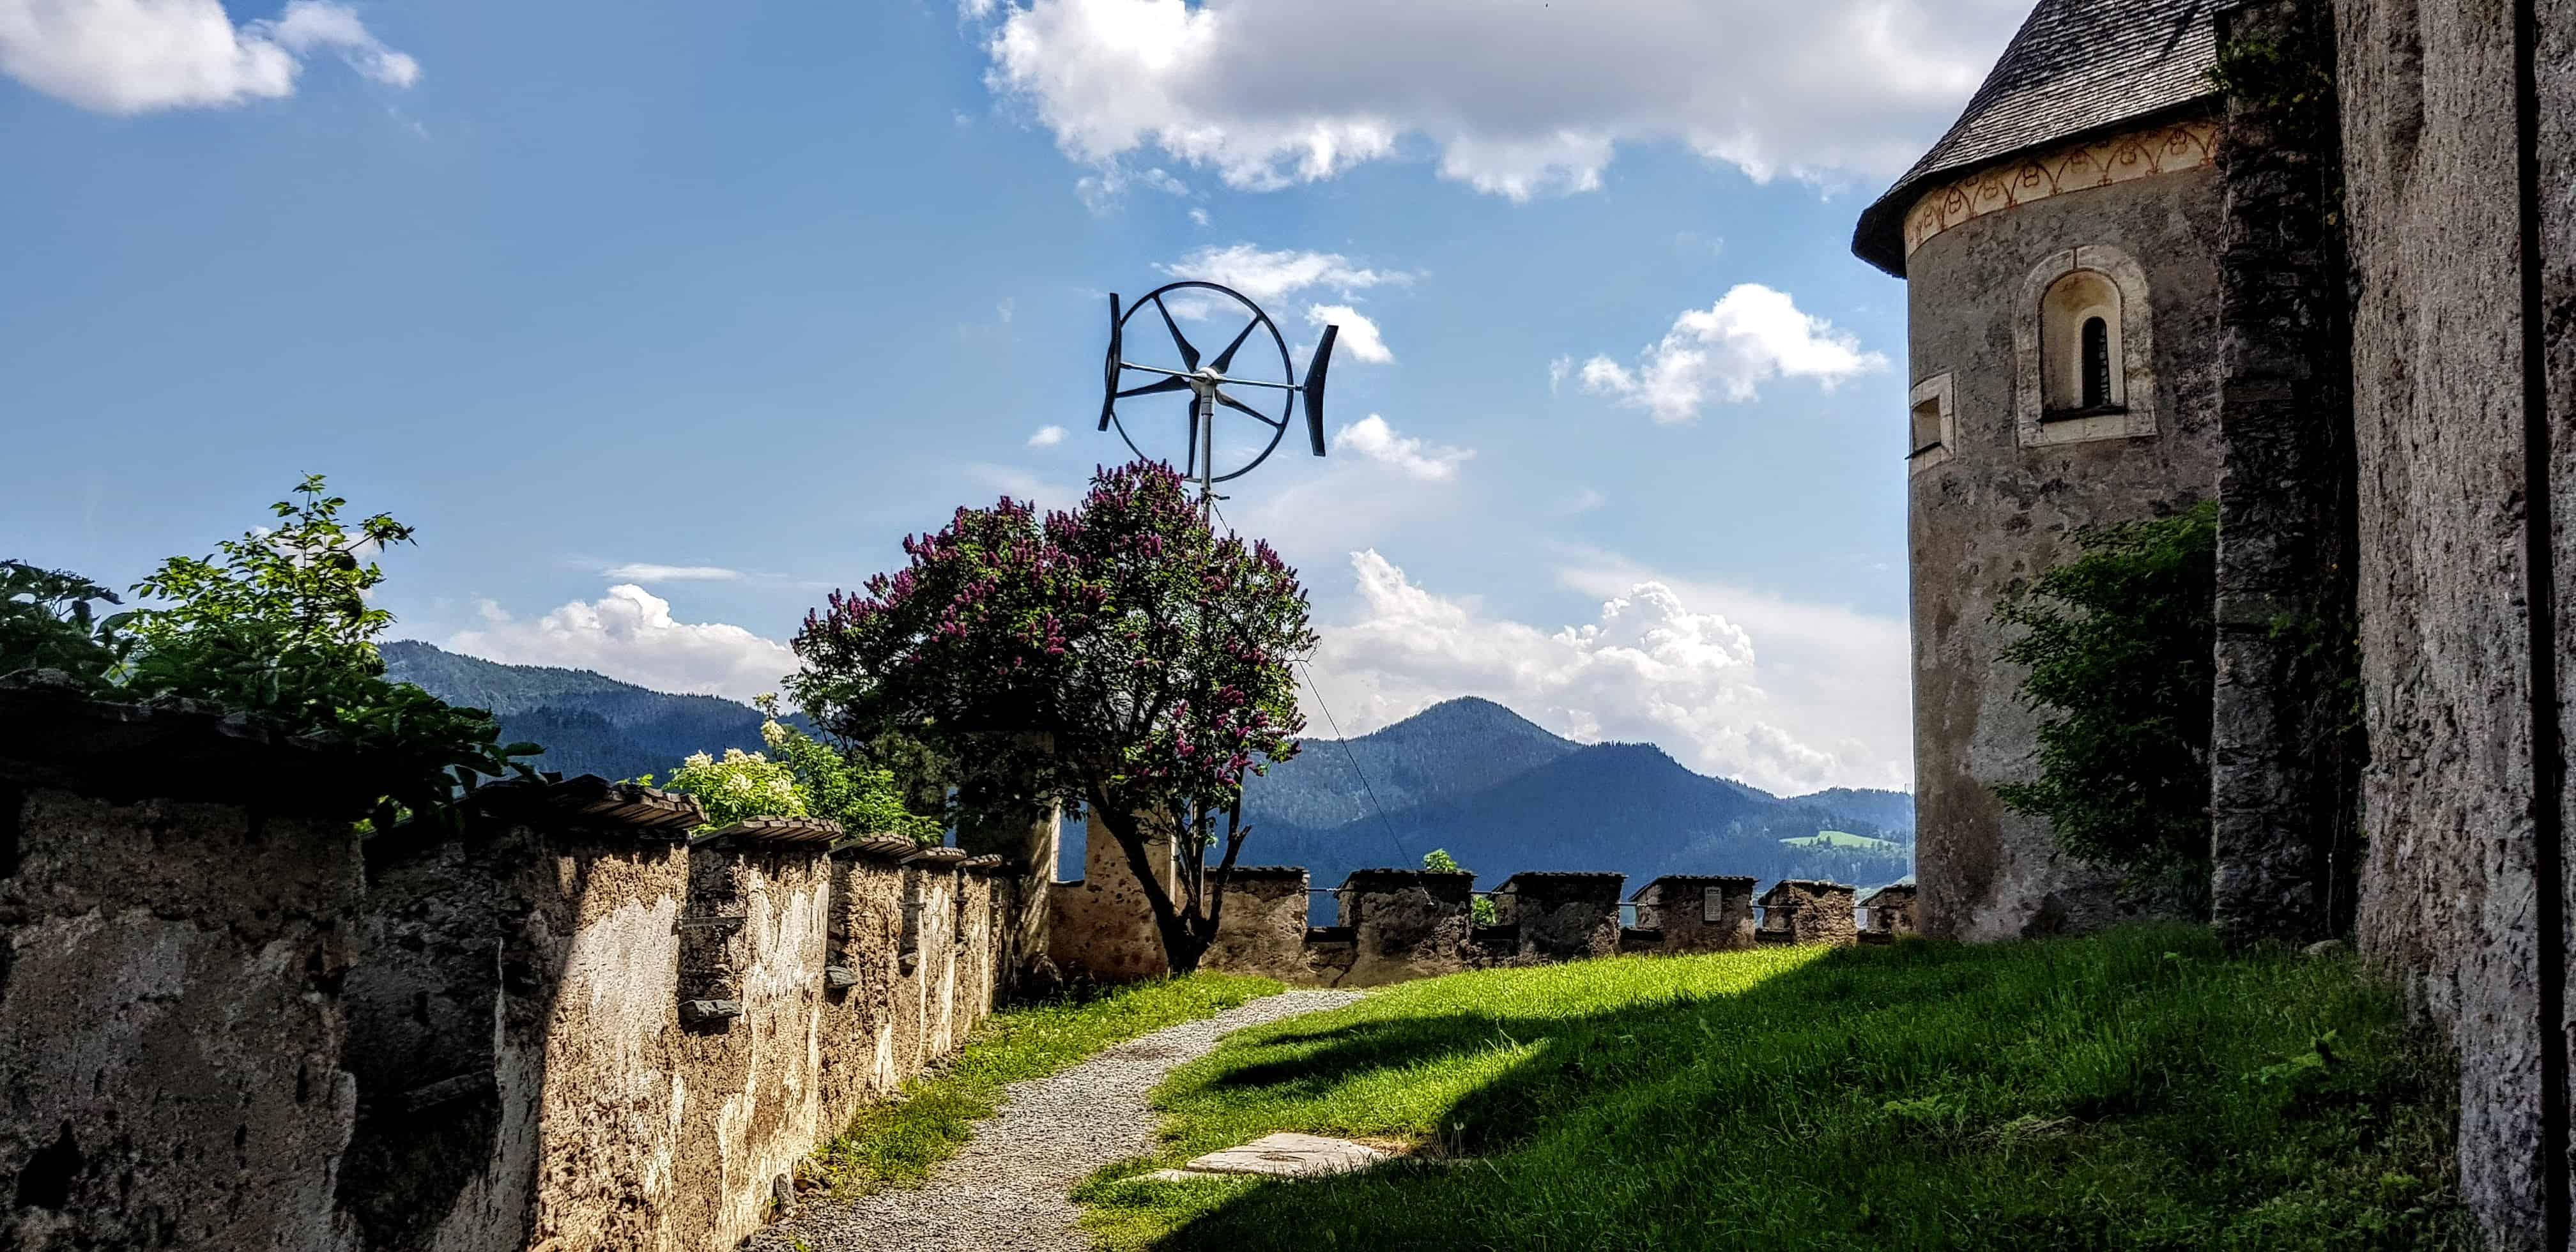 Schöner und abwechslungsreicher Aufgang für die ganze Familie auf die Burg Hochosterwitz in der Nähe von St. Veit und Klagenfurt.